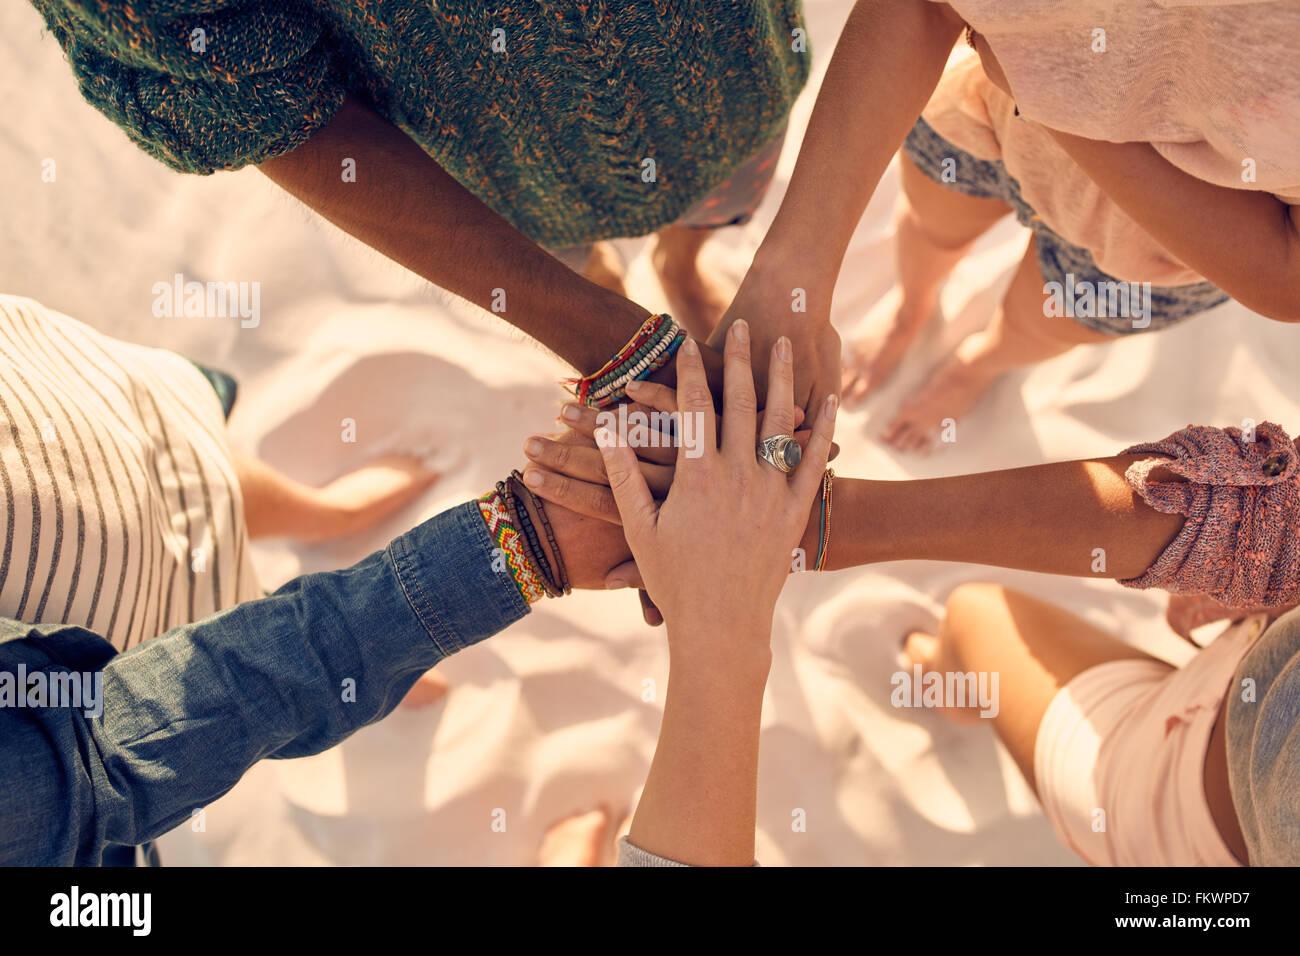 Grupo de jóvenes, hombres y mujeres, mostrando la unidad. Grupo de jóvenes amigos poniendo sus manos junto Imagen De Stock